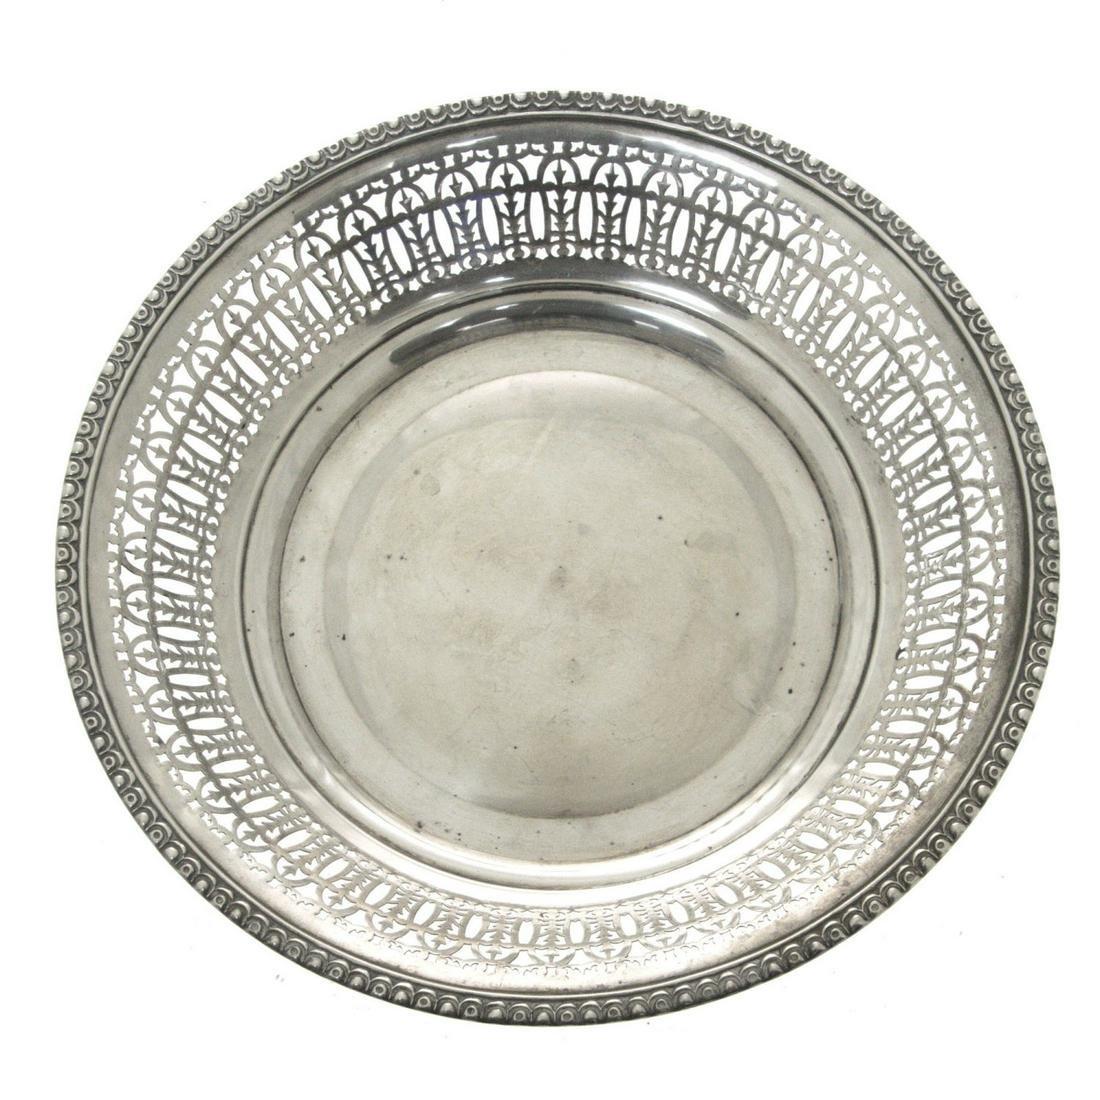 Large Sterling Silver Bowl Basket, Gebruder